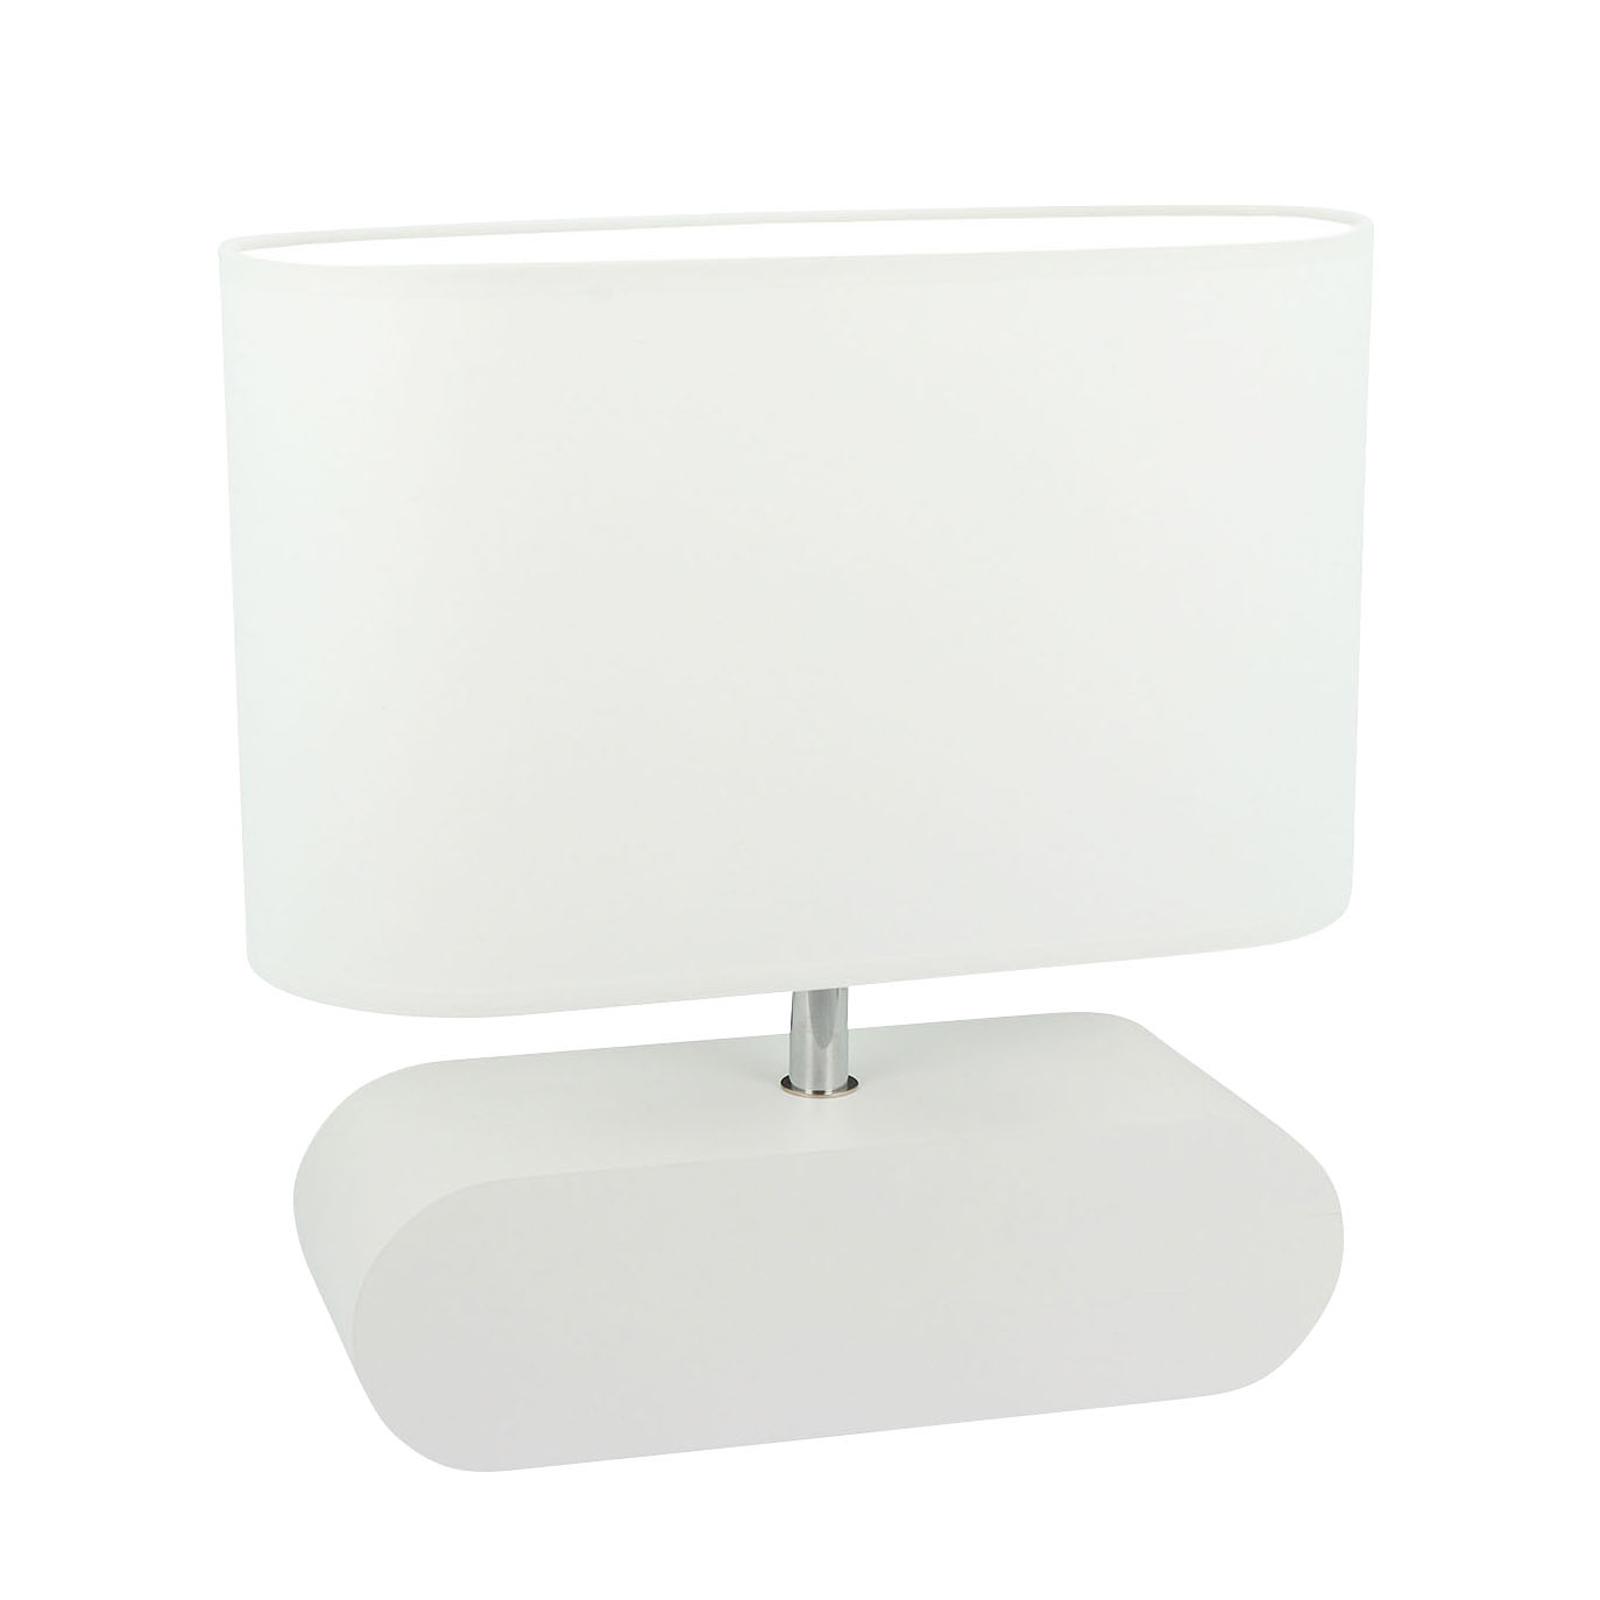 Tafellamp Marinna, voet wit, kap wit